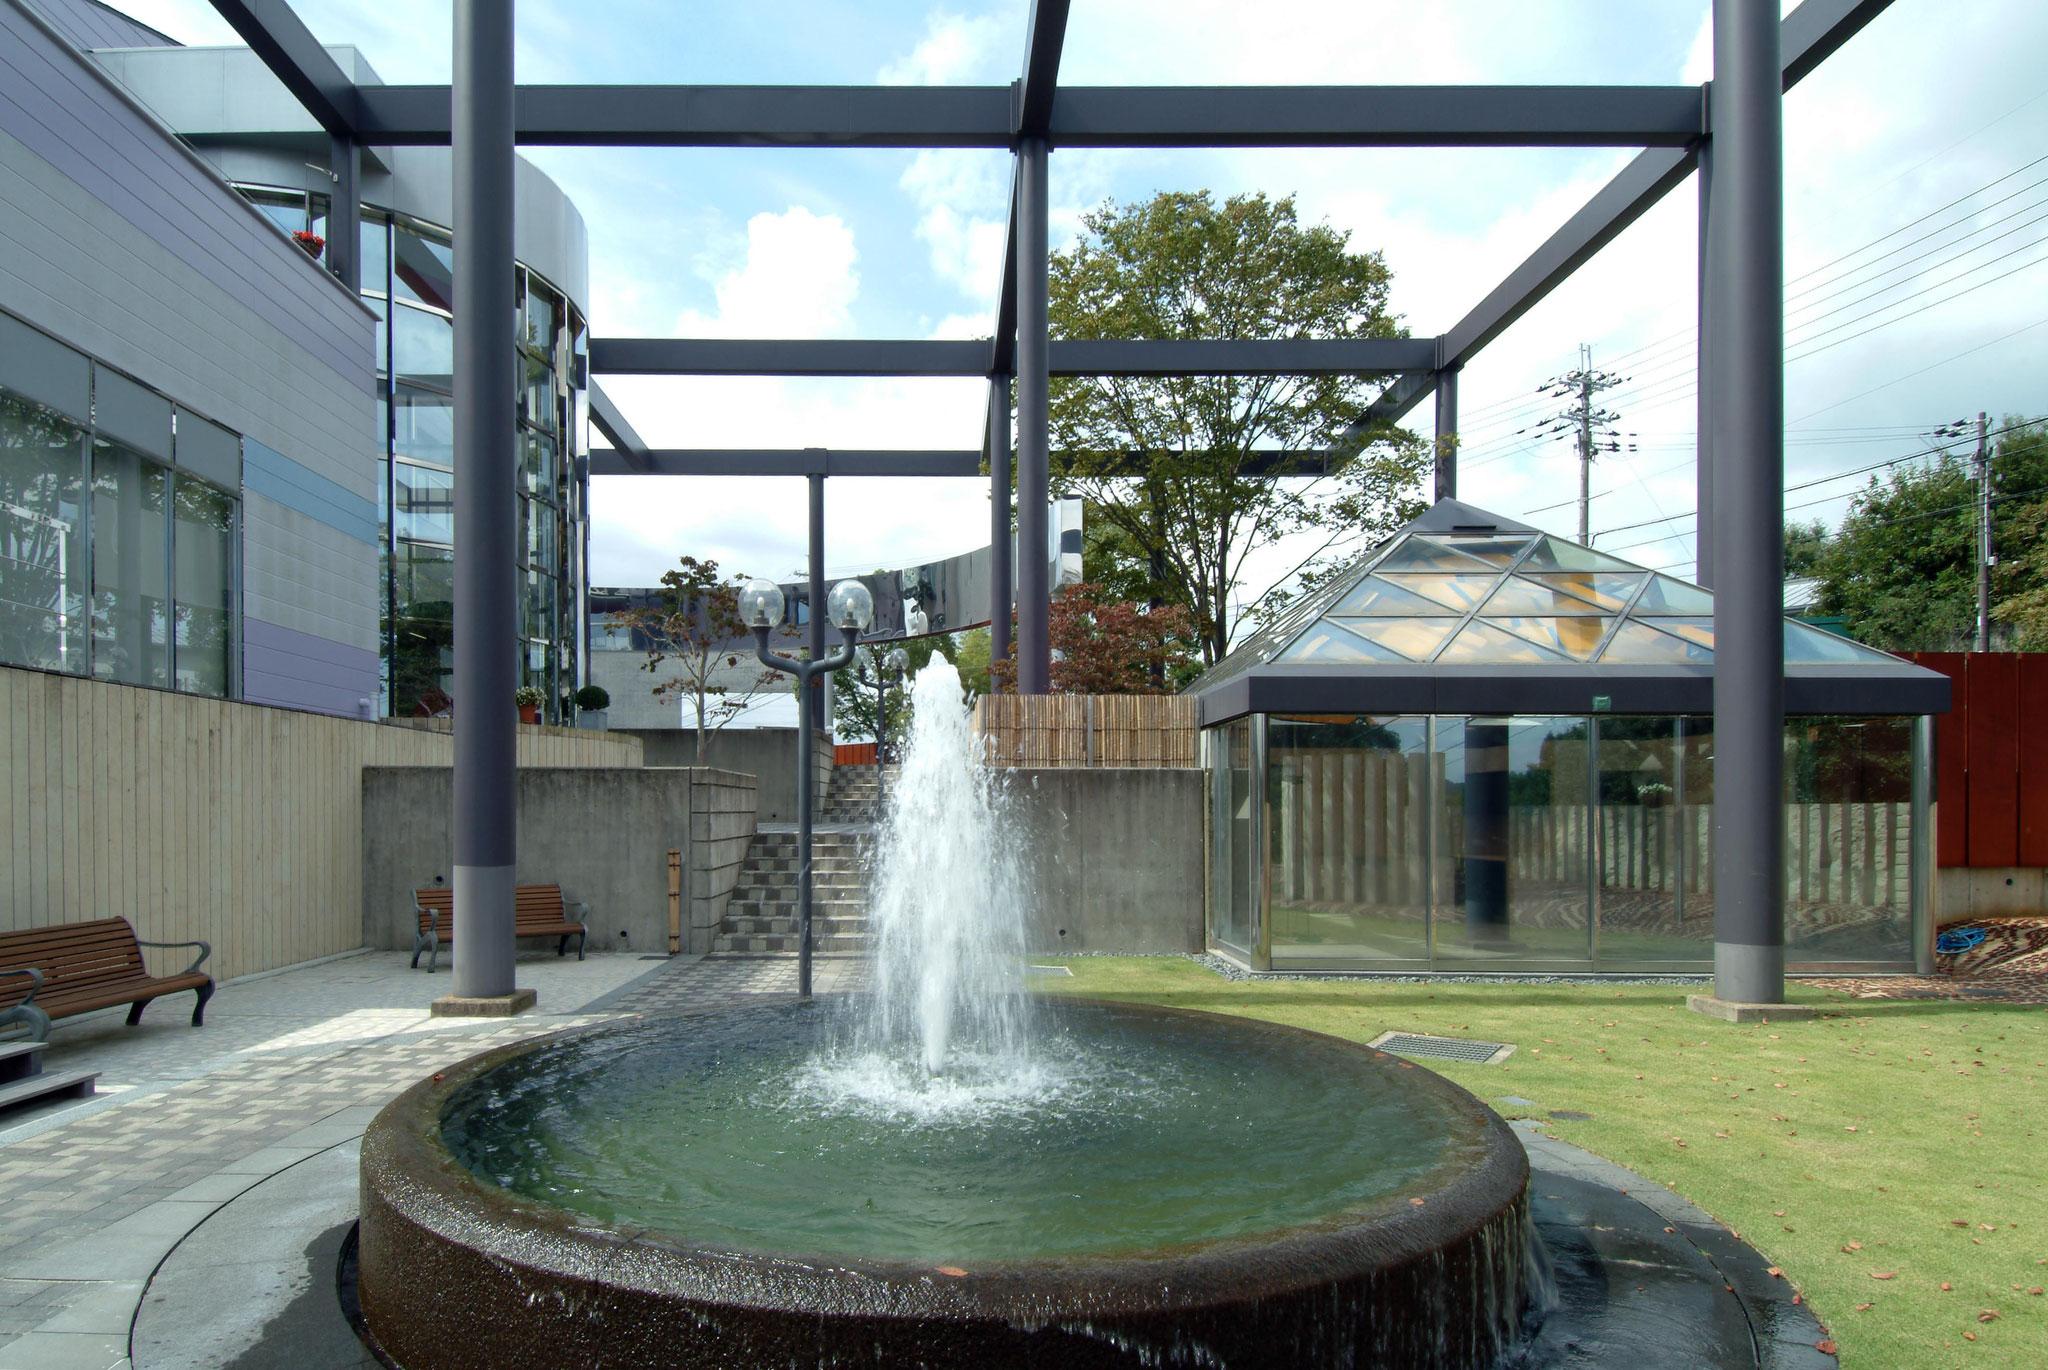 噴水。憩いの場です。